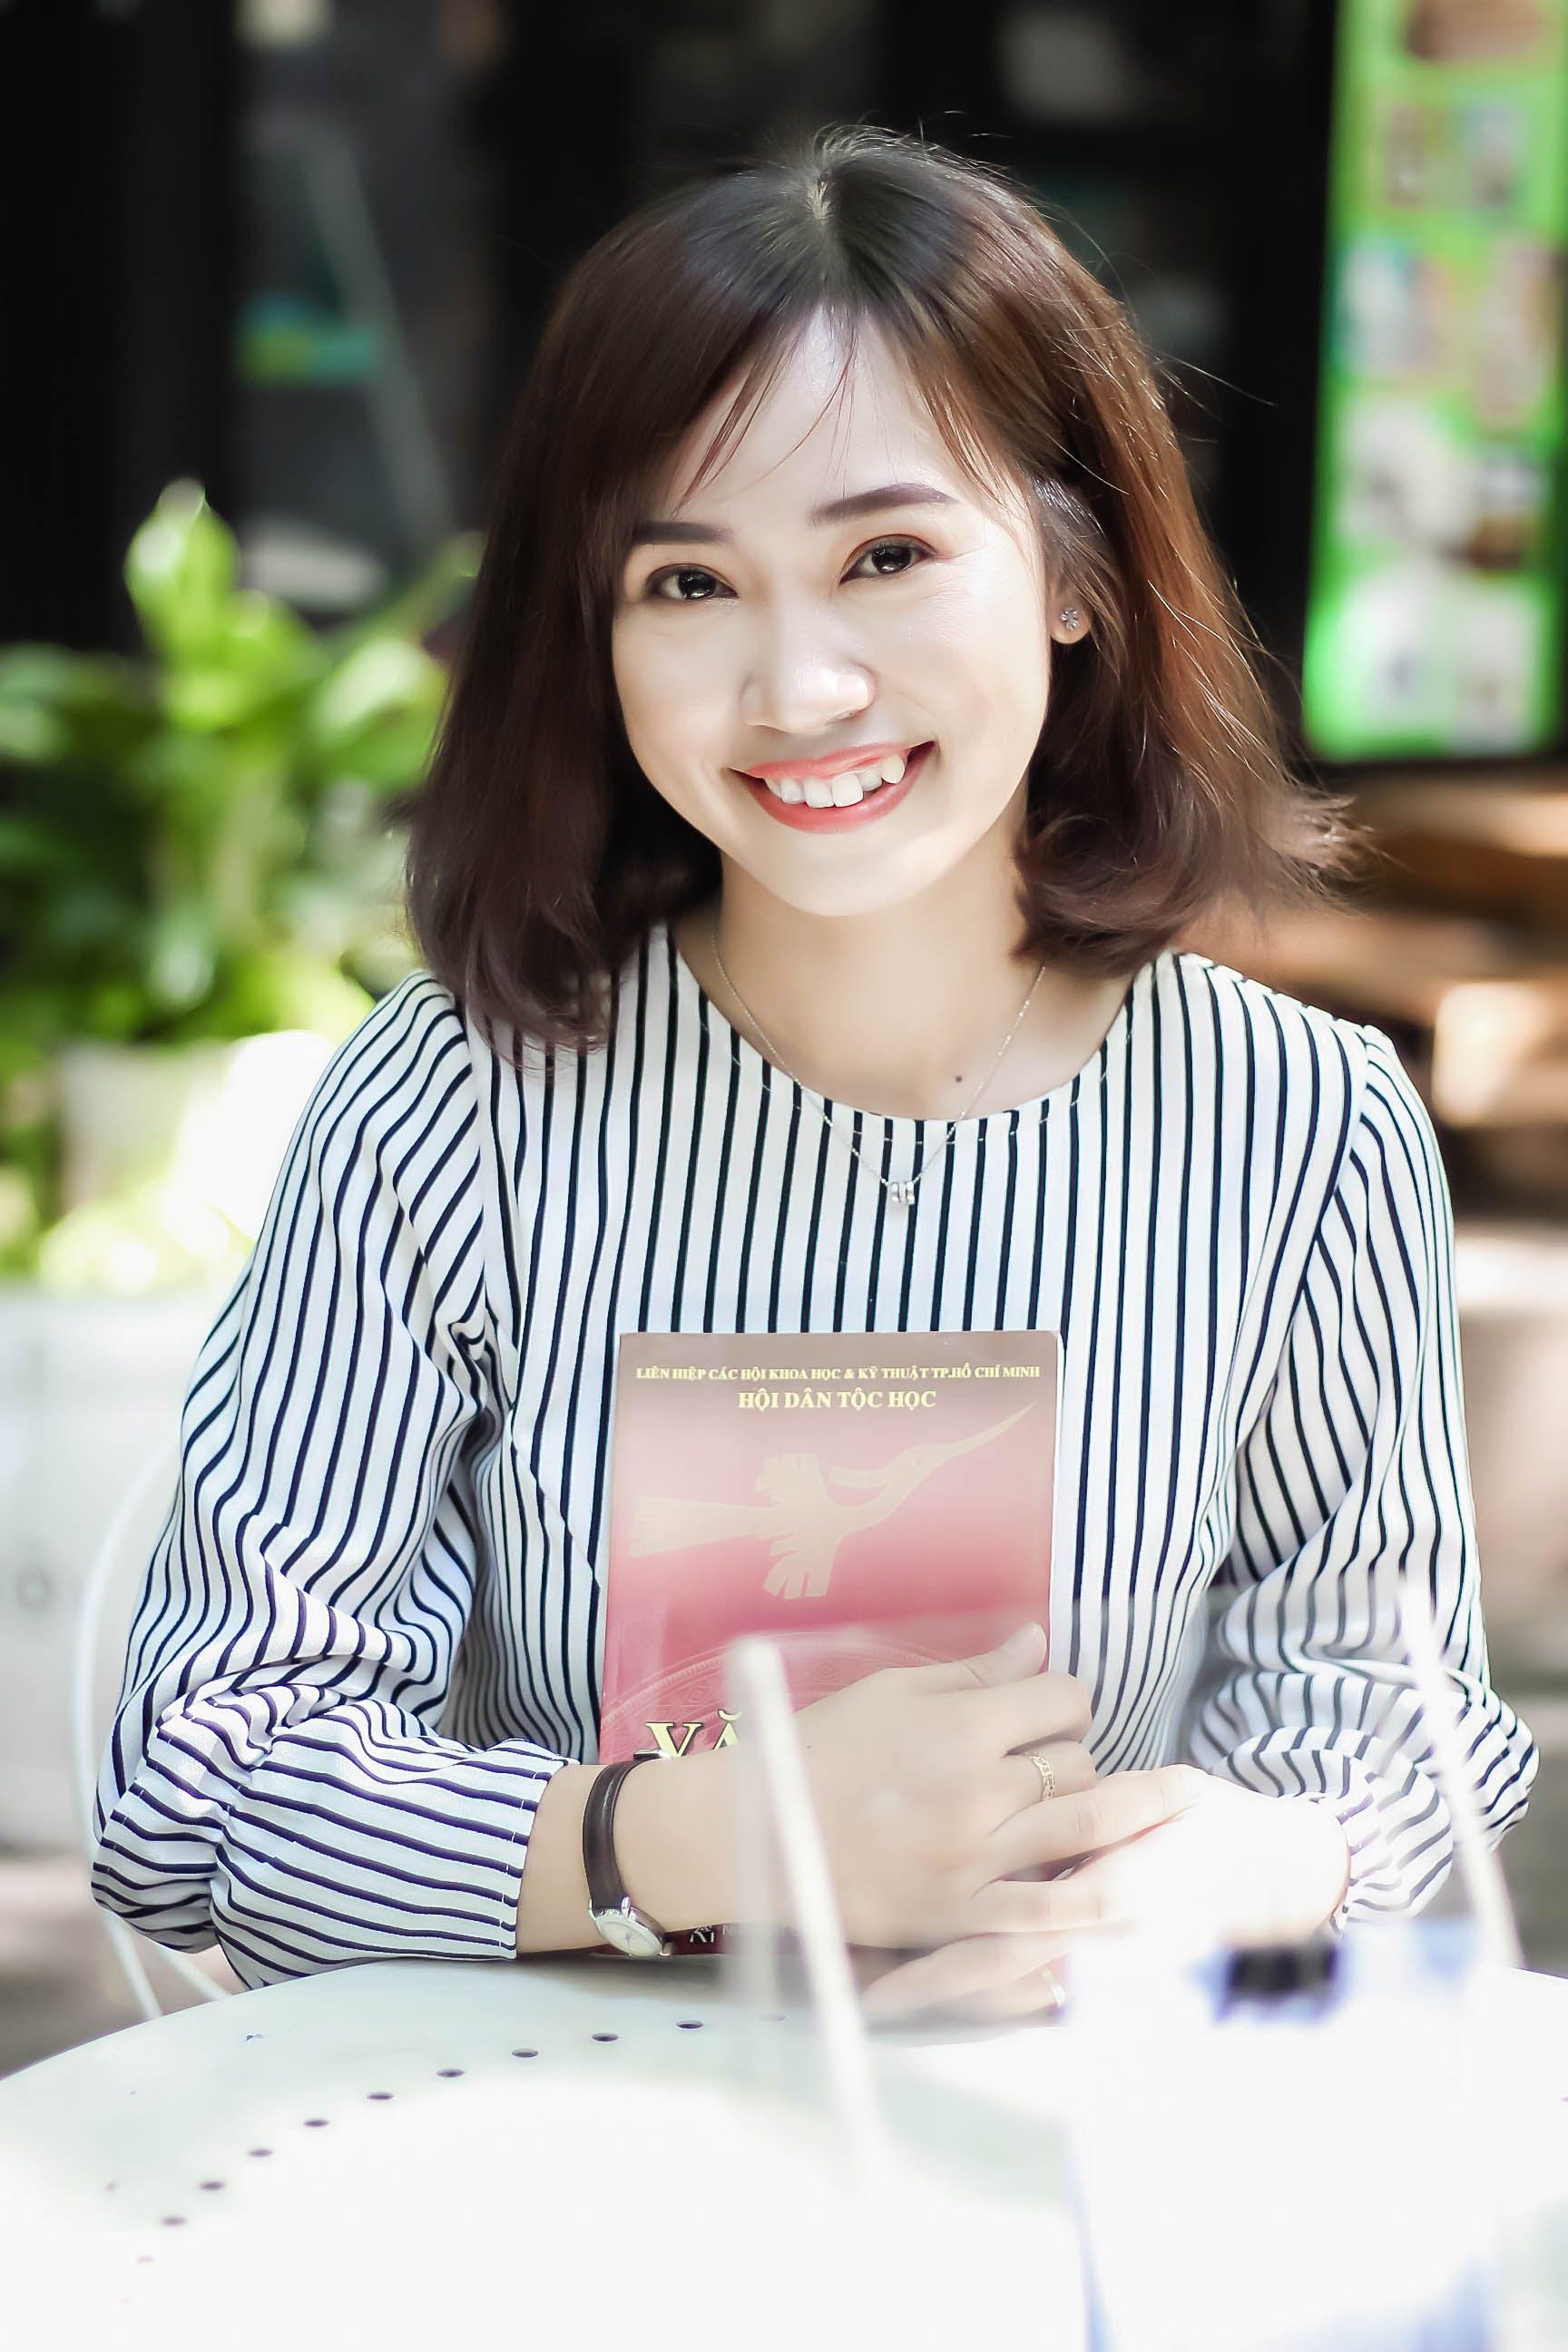 Gratis stockfoto met aantrekkelijk mooi, Aziatisch meisje, Aziatische vrouw, iemand